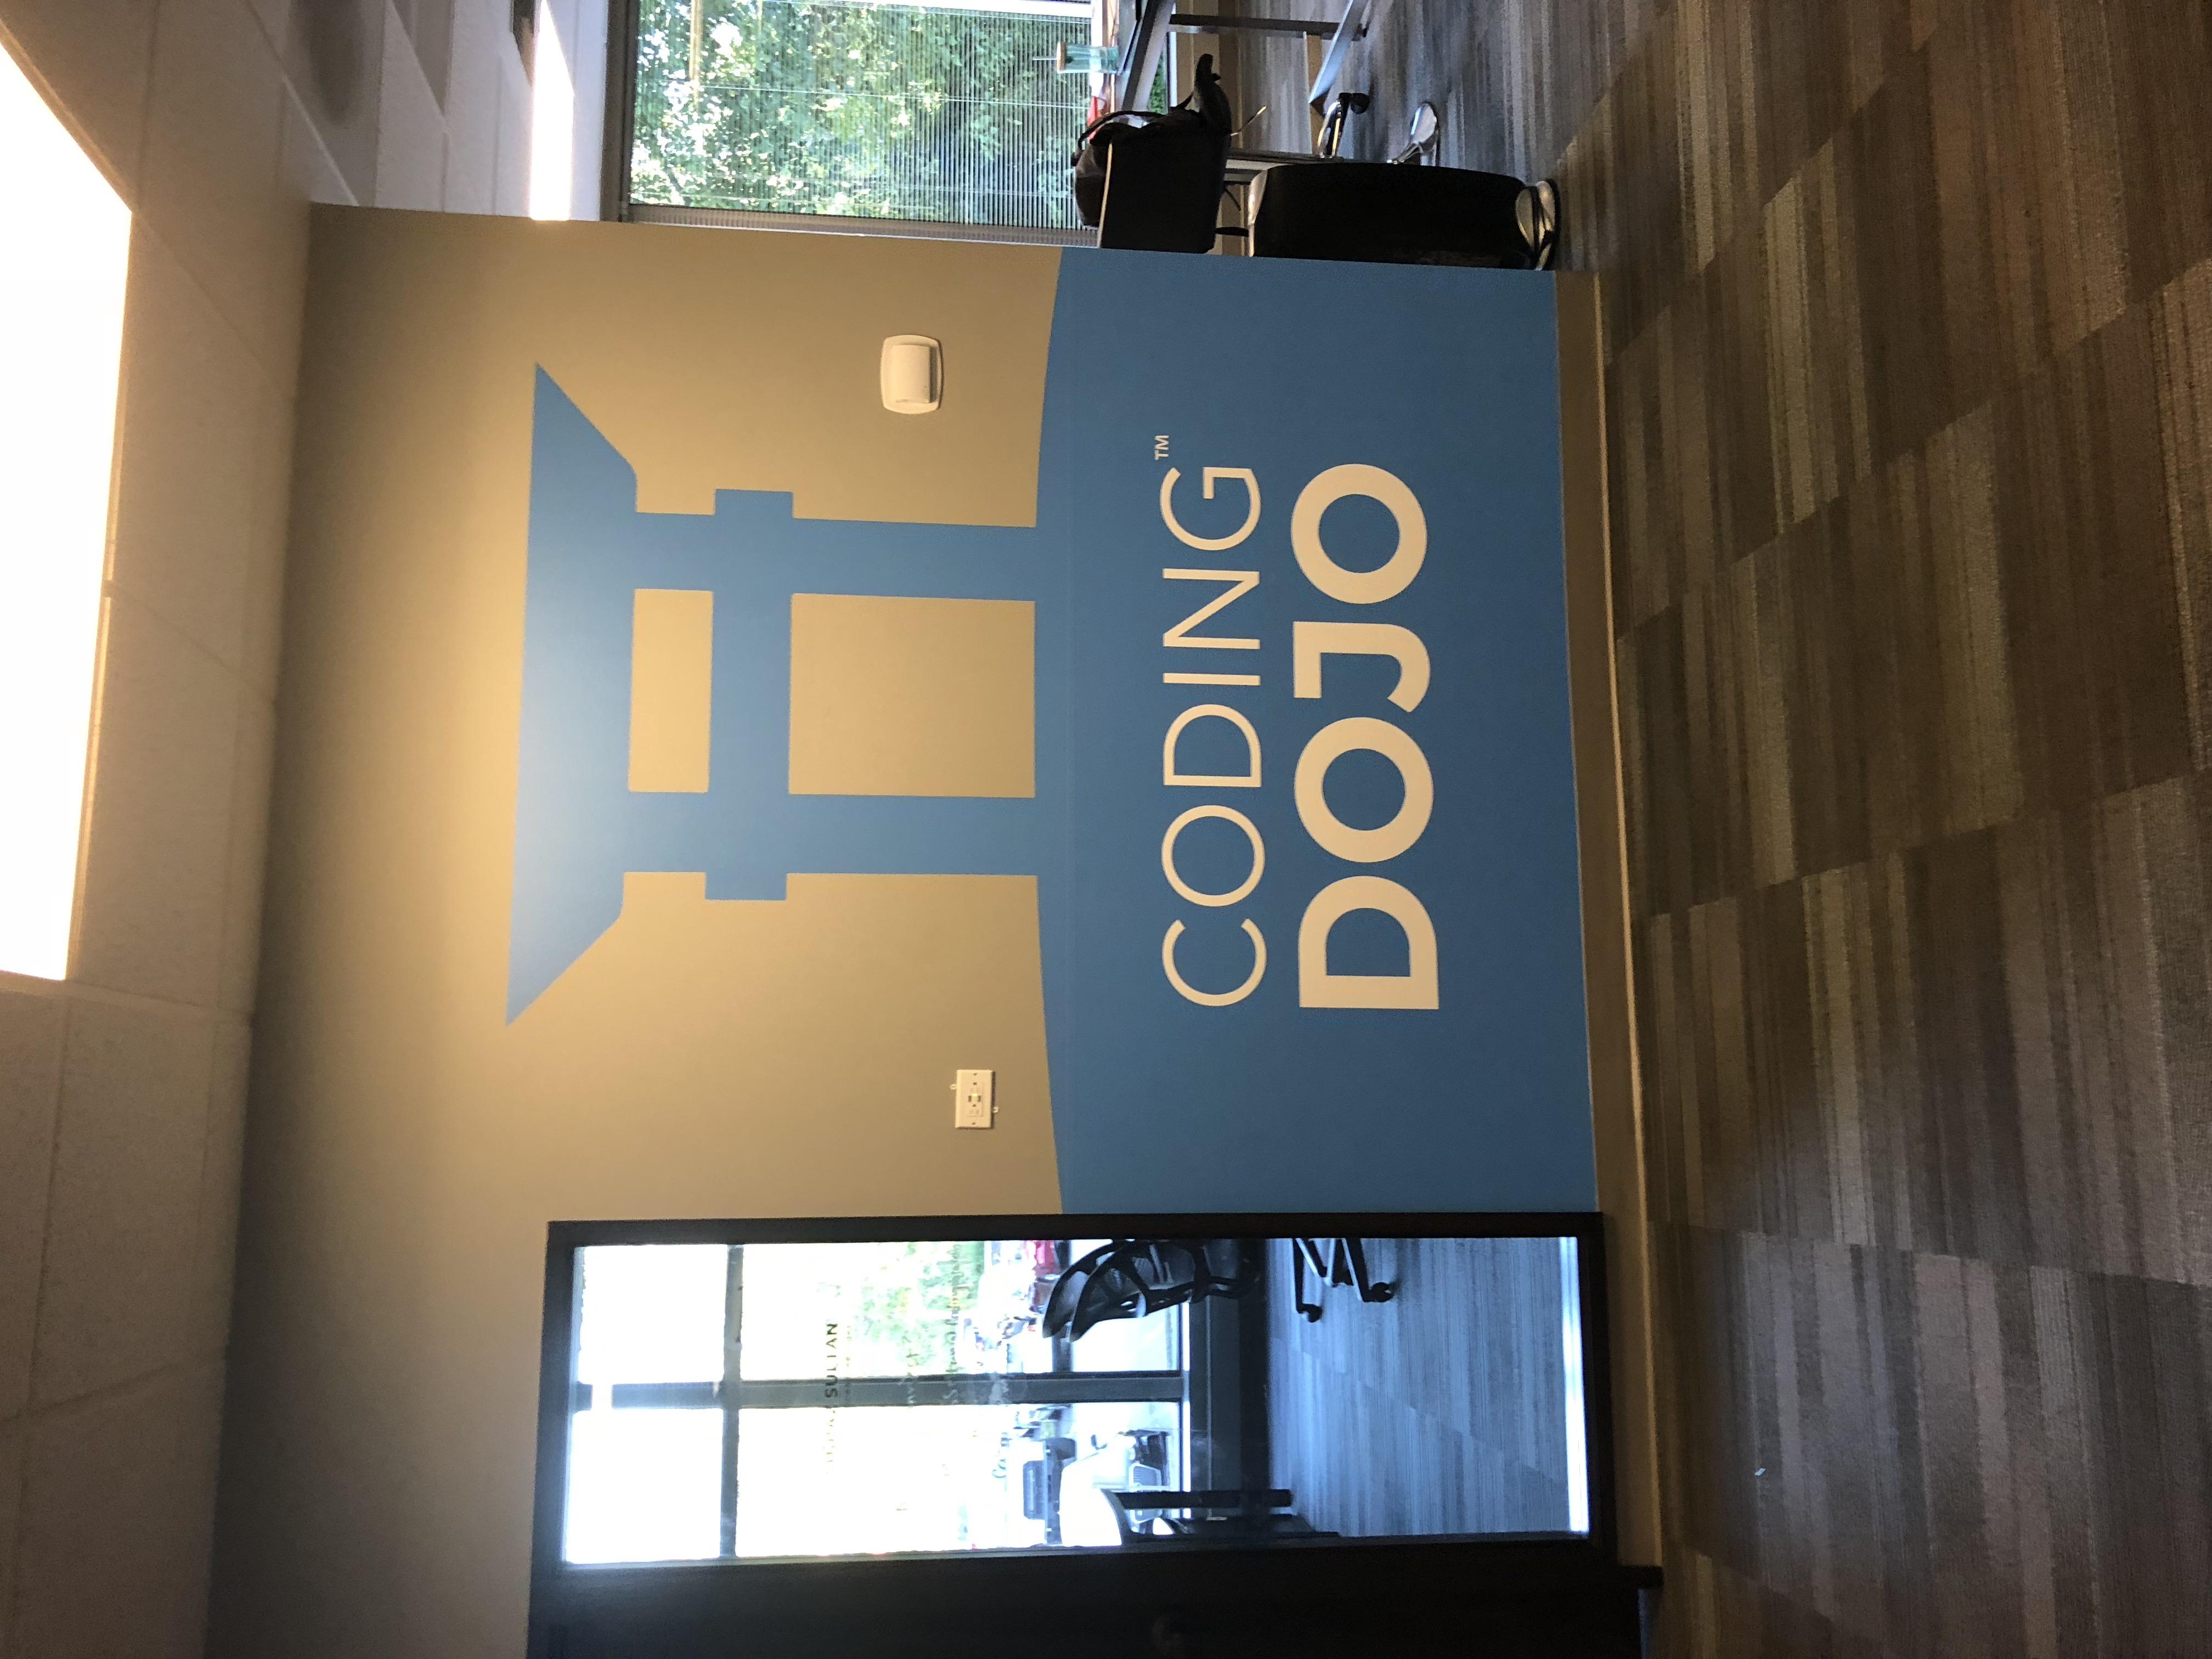 Coding Dojo Wall Graphics